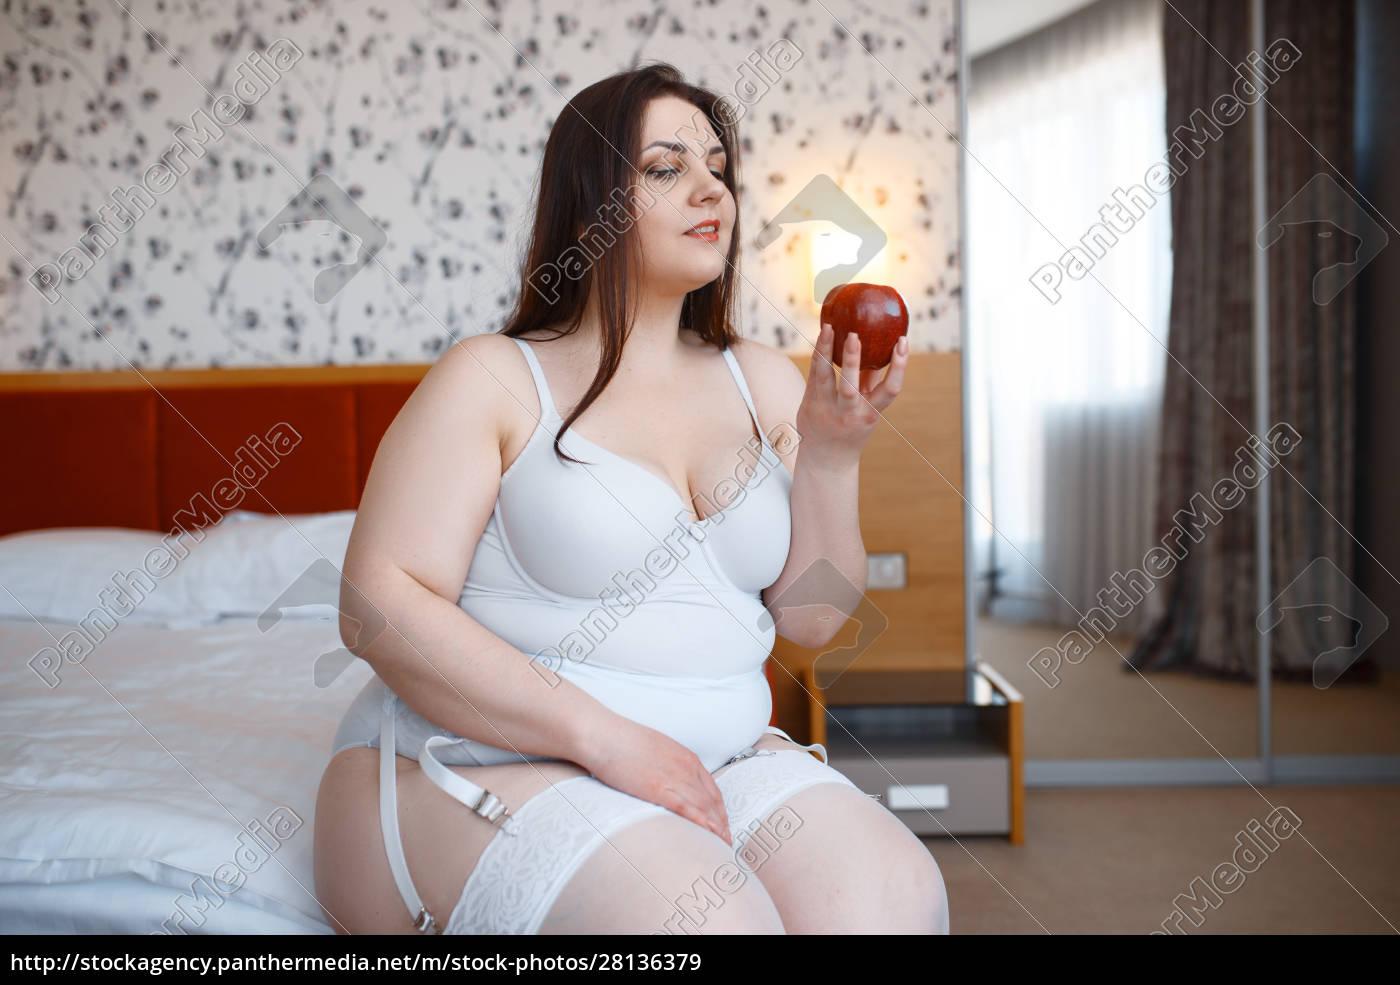 Übergewichtige, verdorbene, frau, hält, roten, apfel - 28136379